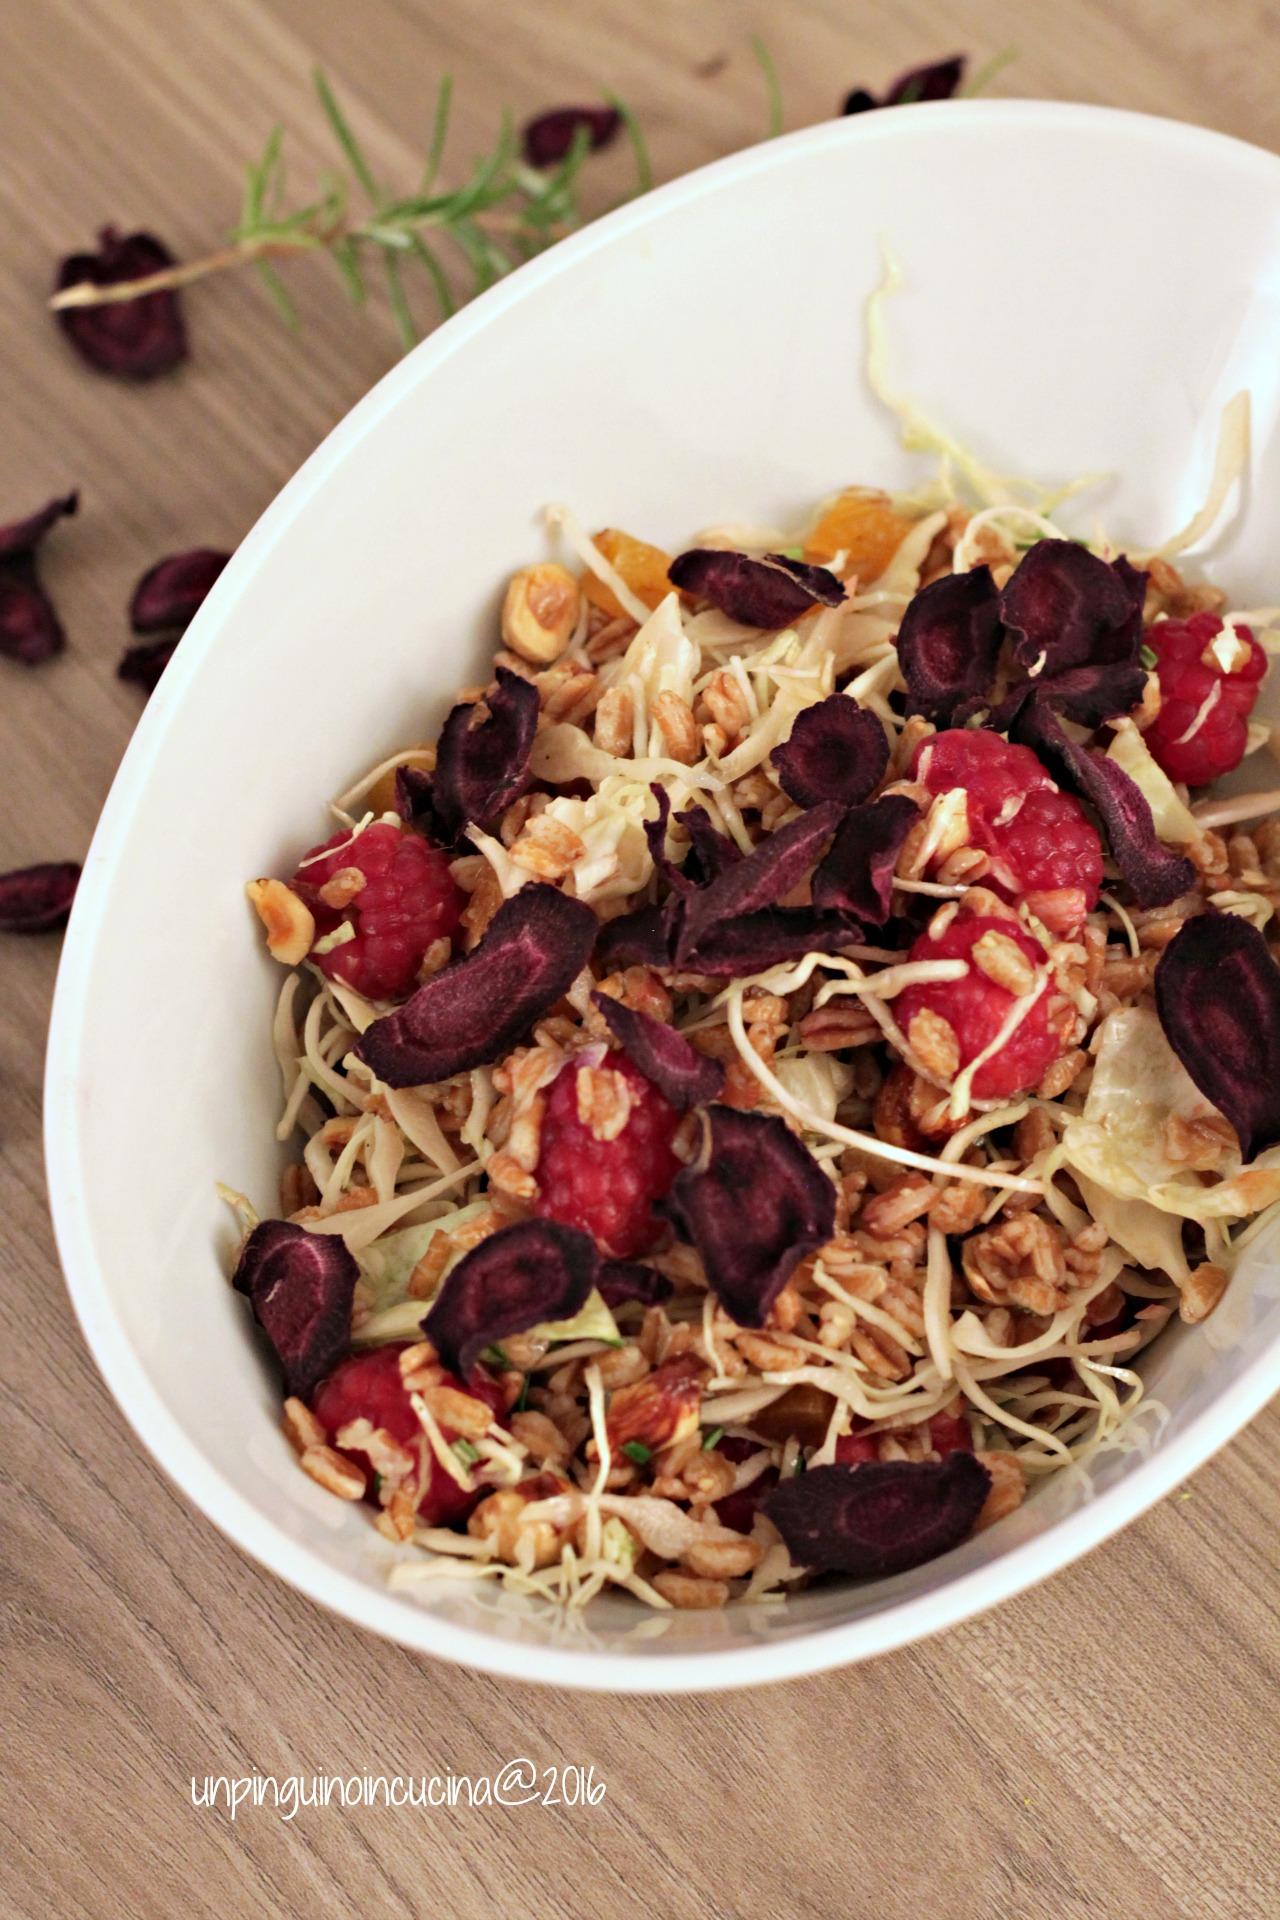 insalata-di-farro-e-frutta